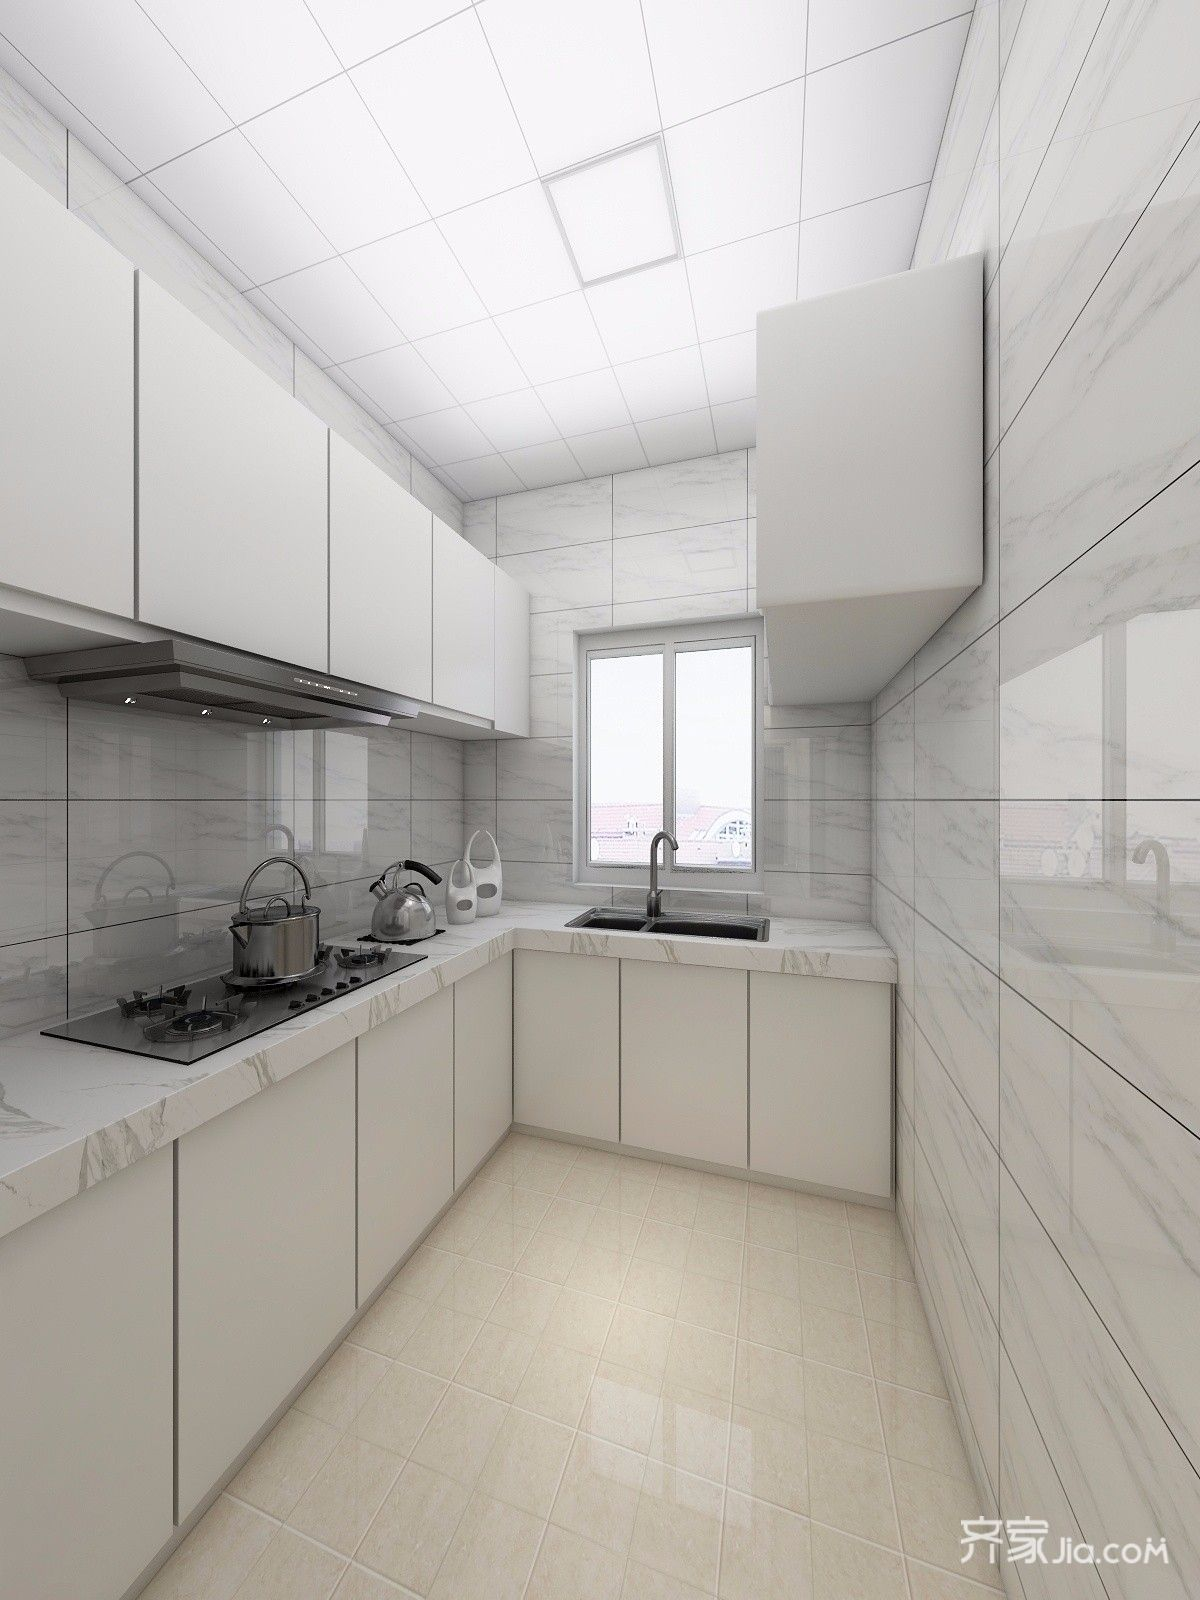 小户型现代简约风格厨房装修效果图